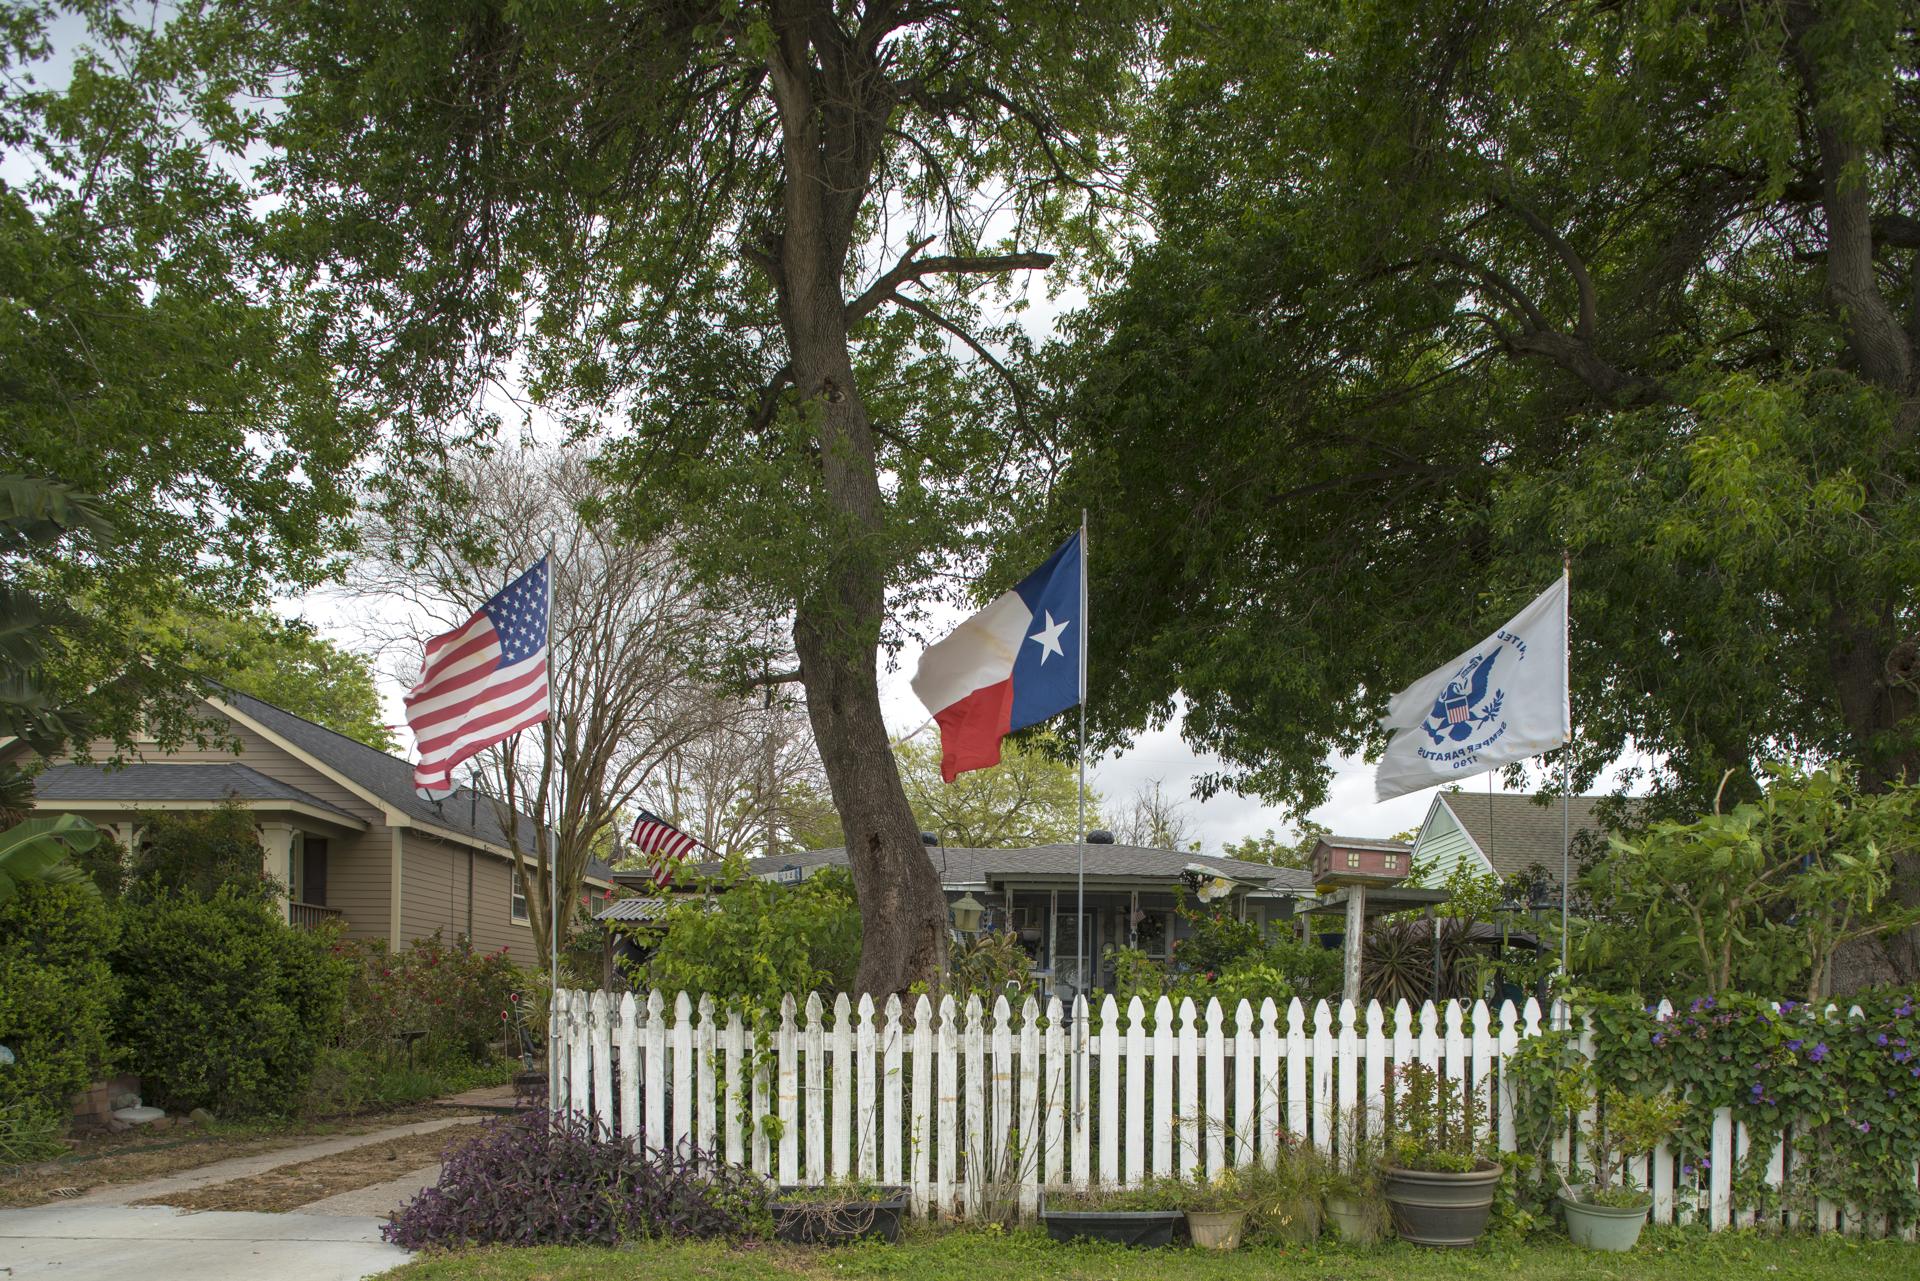 Texas City, Texas